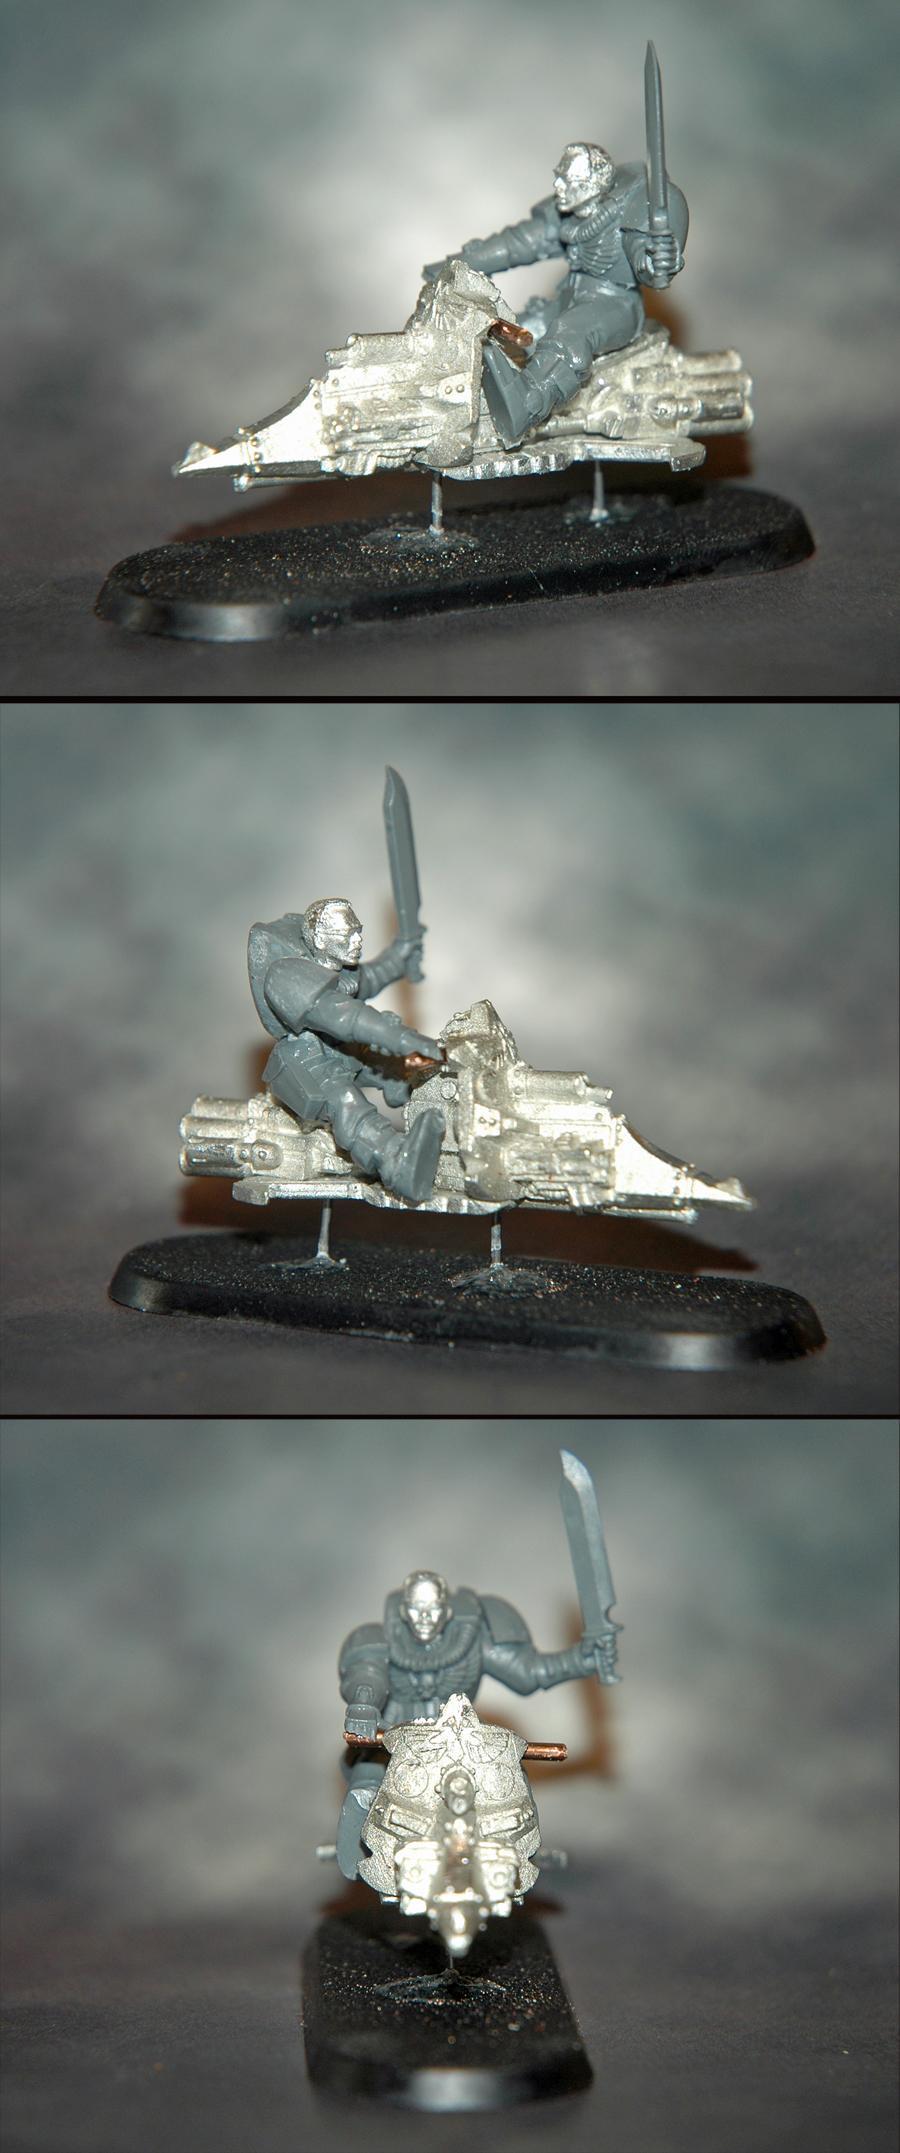 Mantis Warriors, Scout Bike, Sergeant, Space Marines, Warhammer 40,000